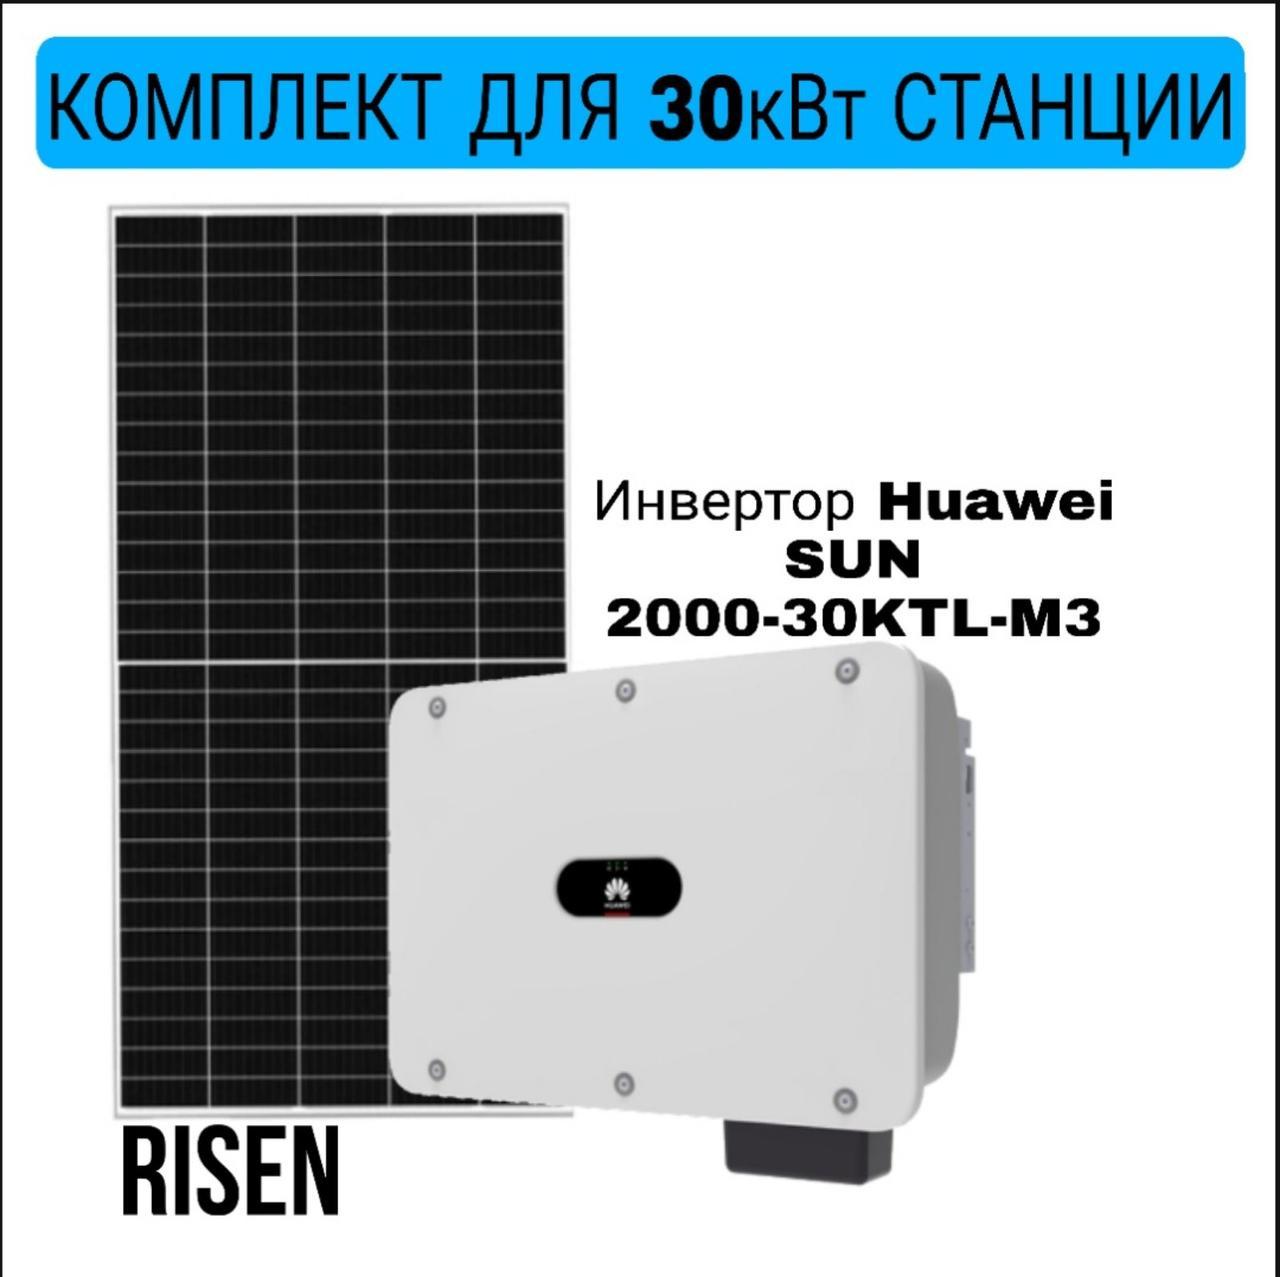 Комплект для мережевої сонячної електростанції 30 кВт ,(інвертор,сонячна панель зелений тариф)